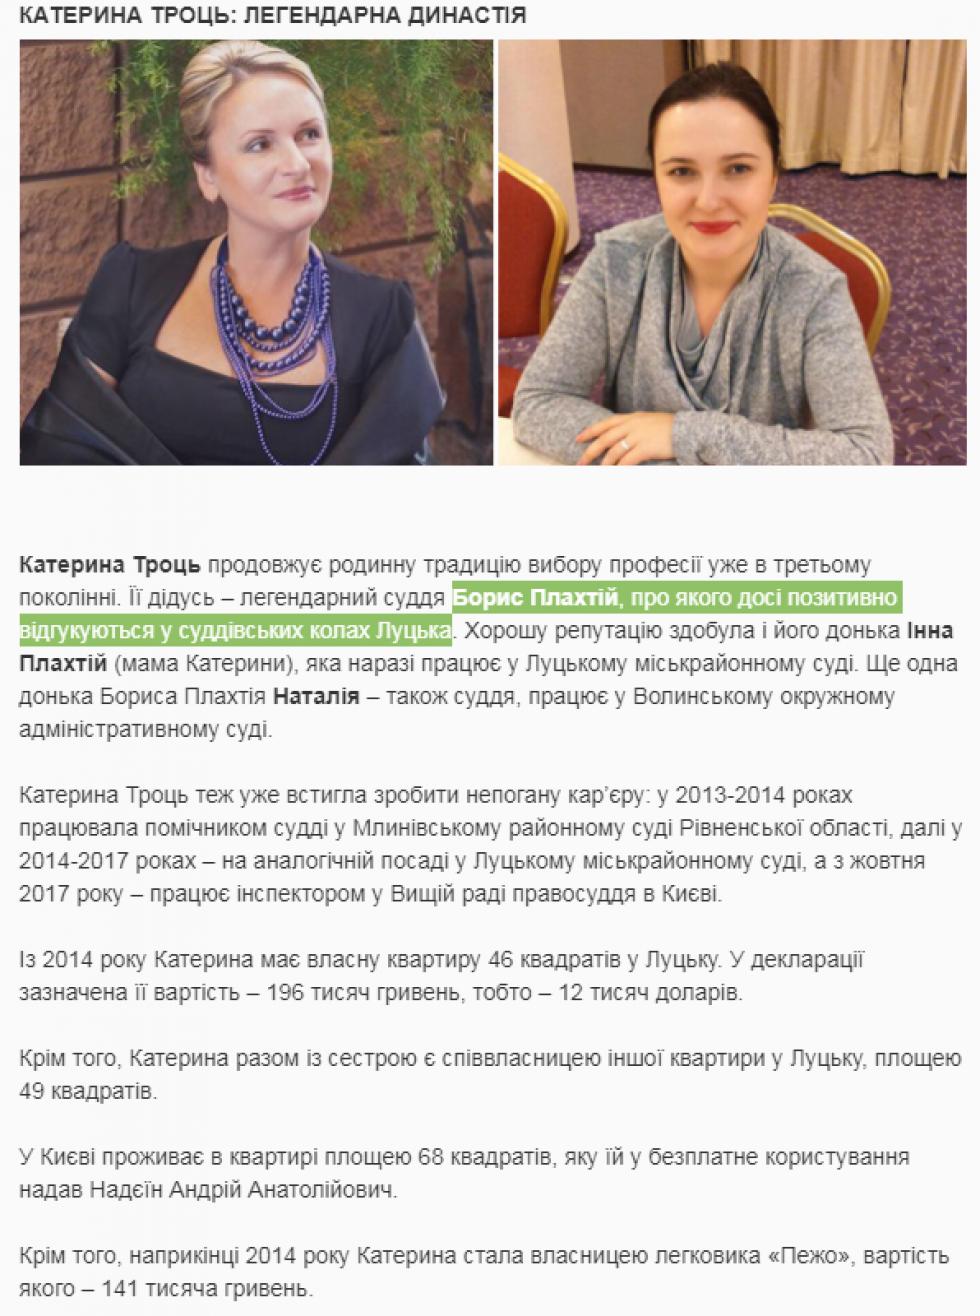 Катерина Троць